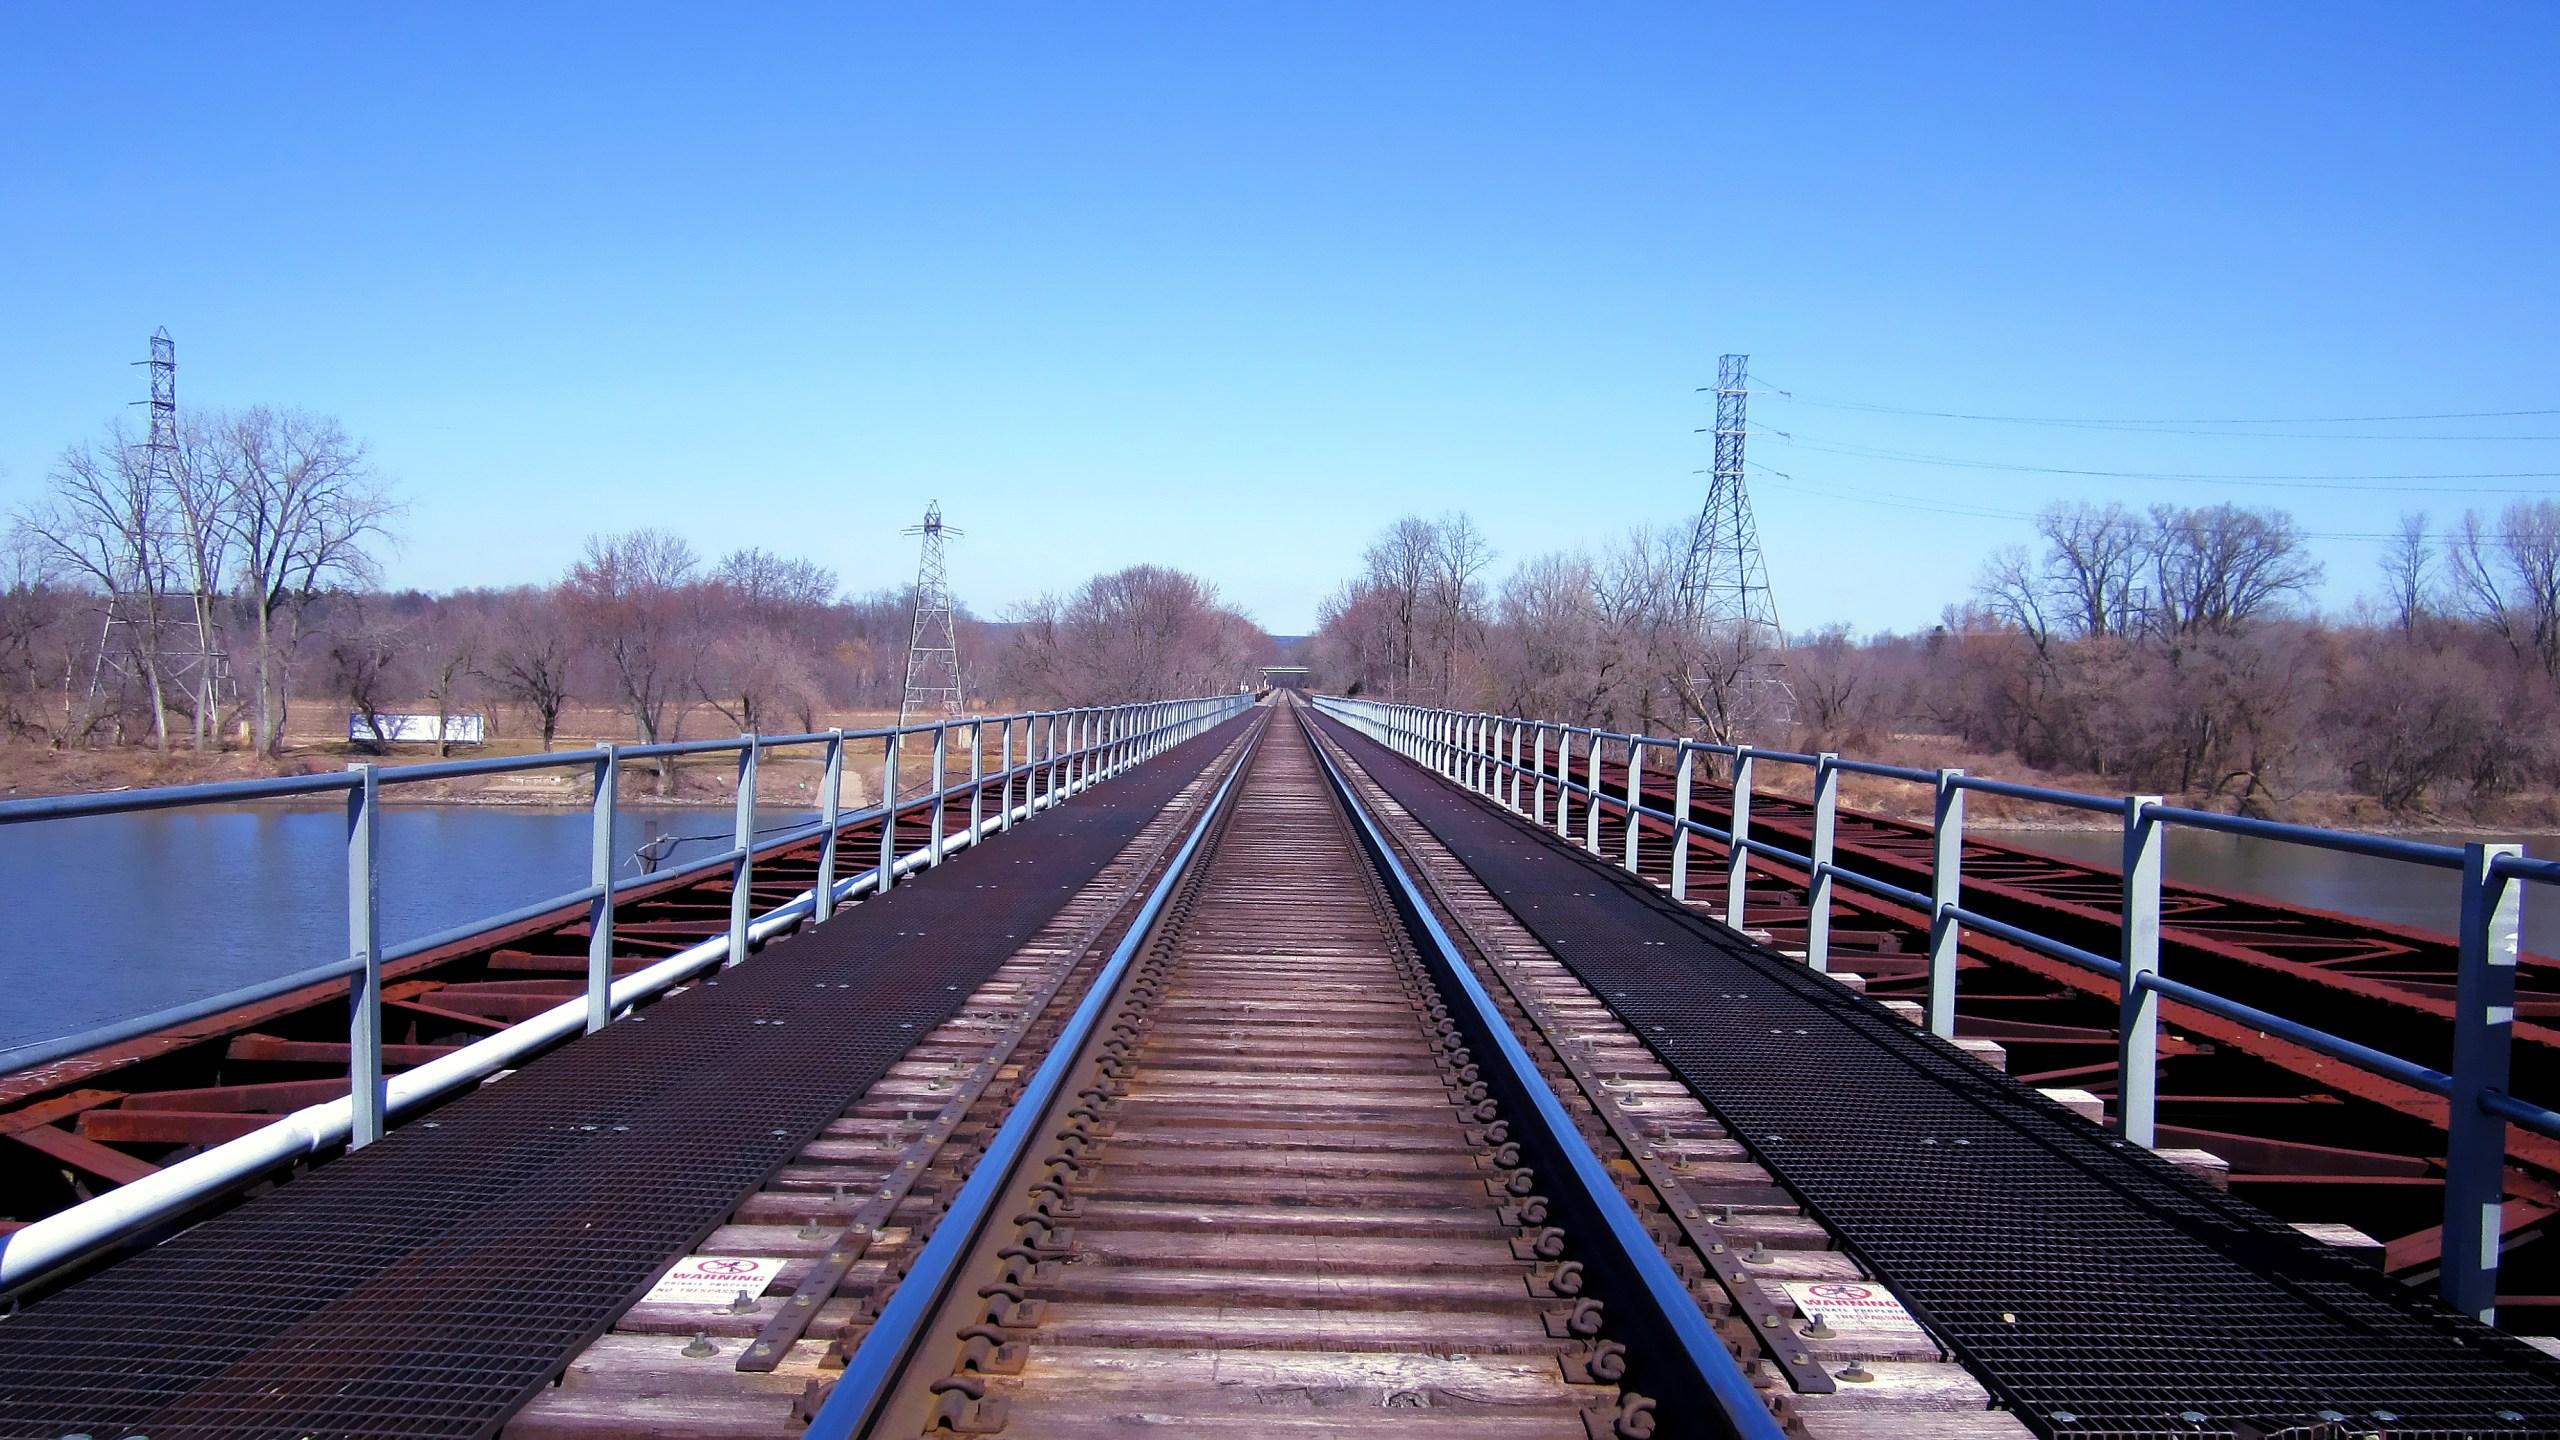 Mohawk River Rail Bridge in Schenectady